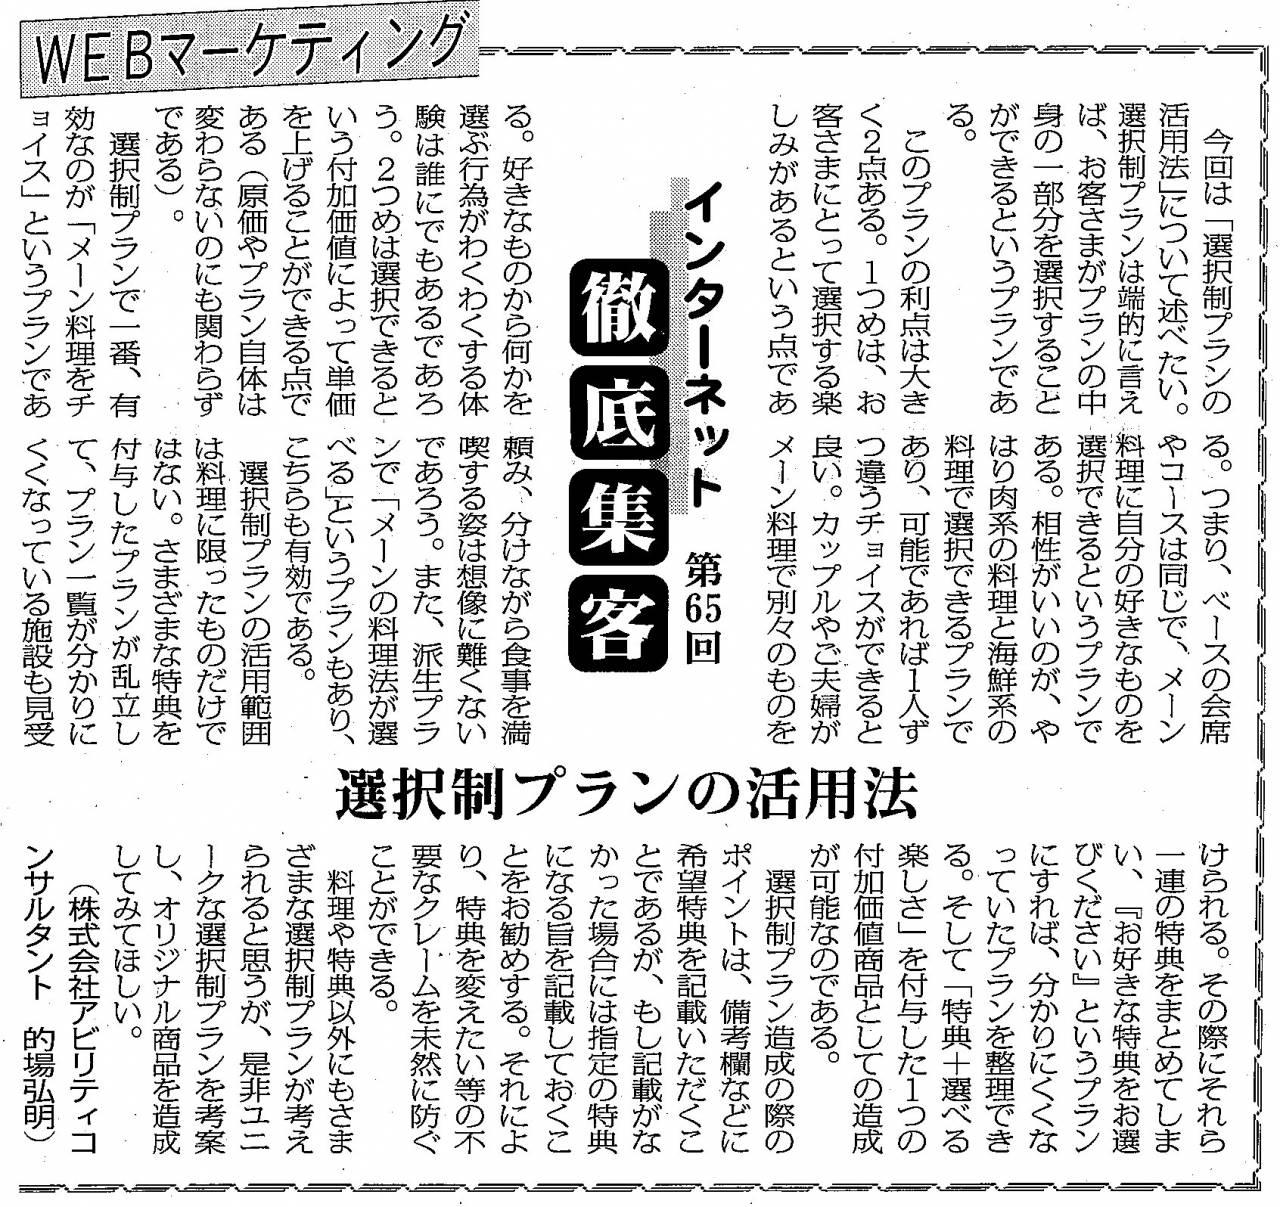 【第65回】WEBマーケティング 選択制プランの活用法